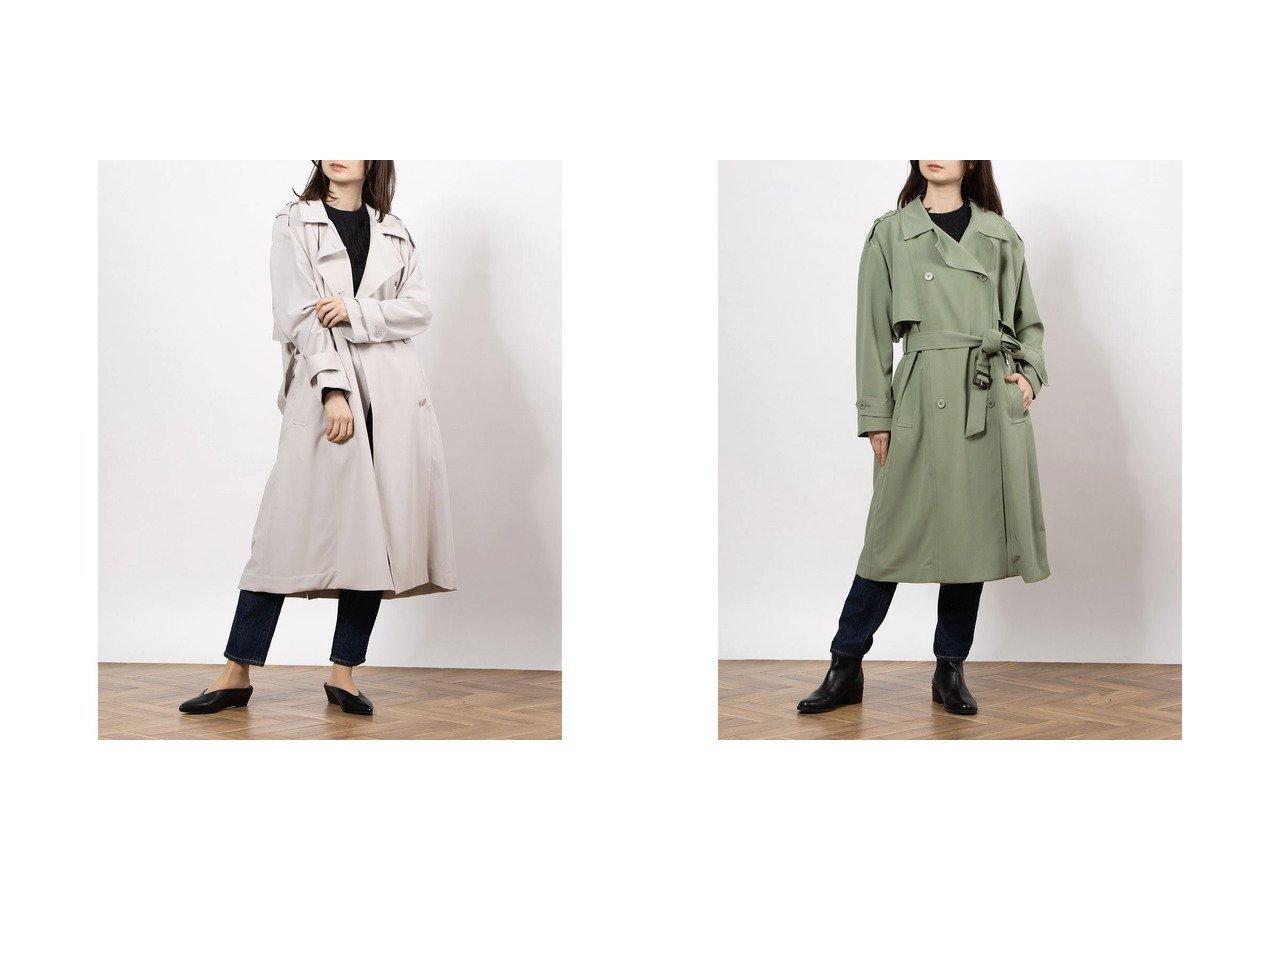 【Mila Owen/ミラオーウェン】のドルマンスリーブワイドトレンチCT アウターのおすすめ!人気、トレンド・レディースファッションの通販 おすすめで人気の流行・トレンド、ファッションの通販商品 メンズファッション・キッズファッション・インテリア・家具・レディースファッション・服の通販 founy(ファニー) https://founy.com/ ファッション Fashion レディースファッション WOMEN アウター Coat Outerwear 1月号 雑誌 |ID:crp329100000024037